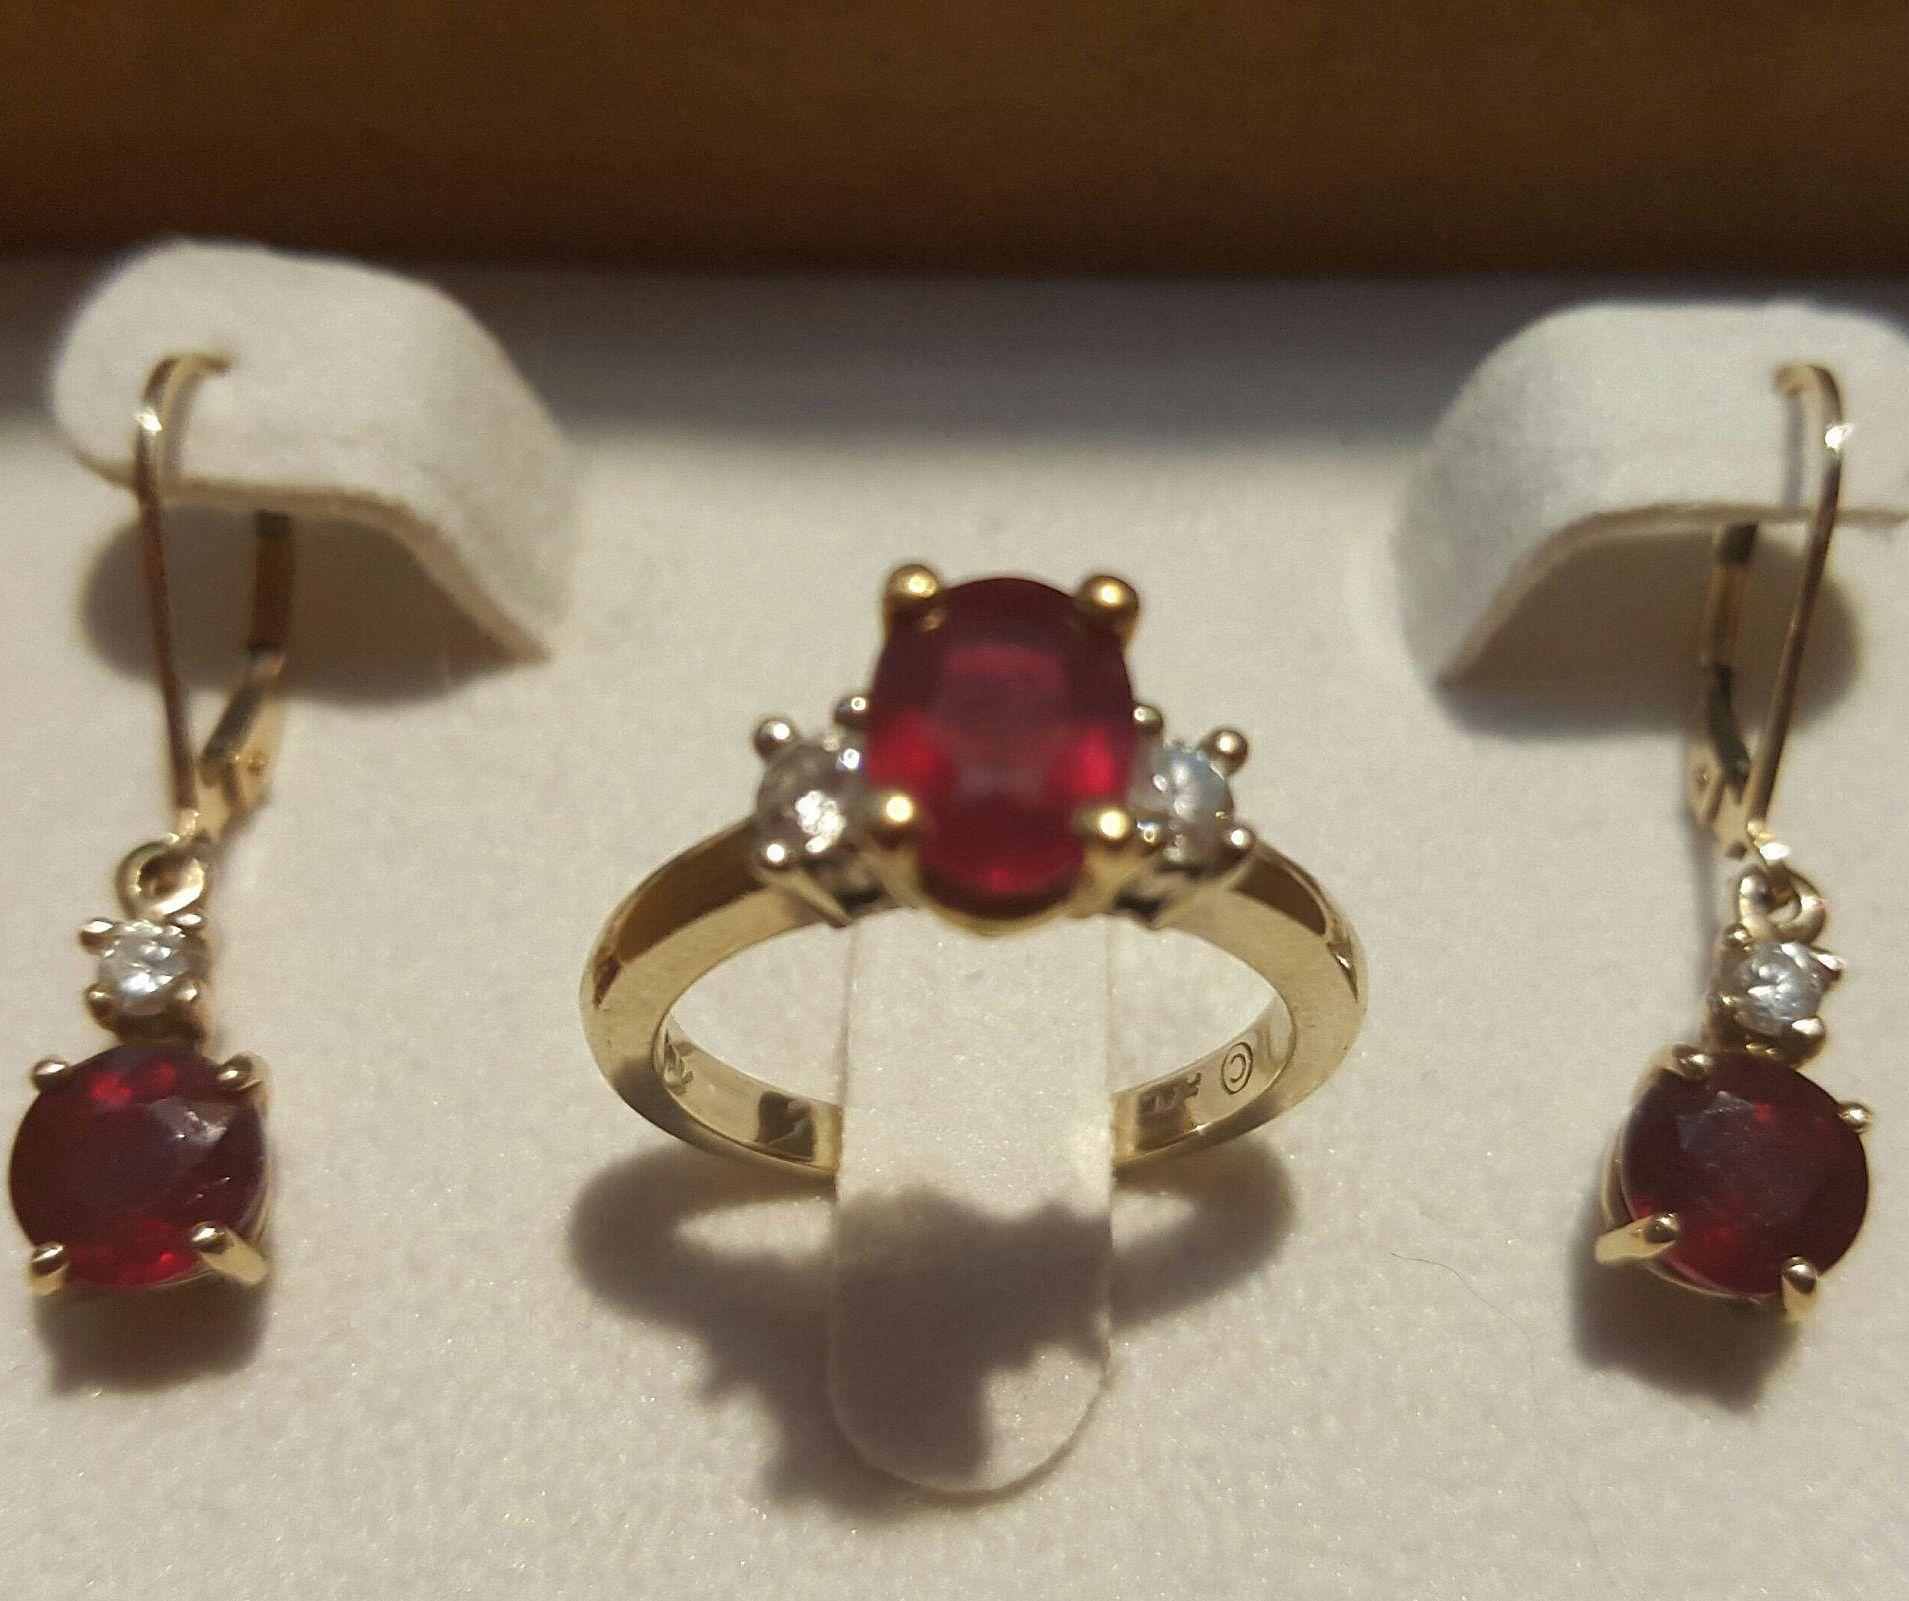 18K WG & YG Ruby & Diamond Ring & 18K/14K Drop Earrings